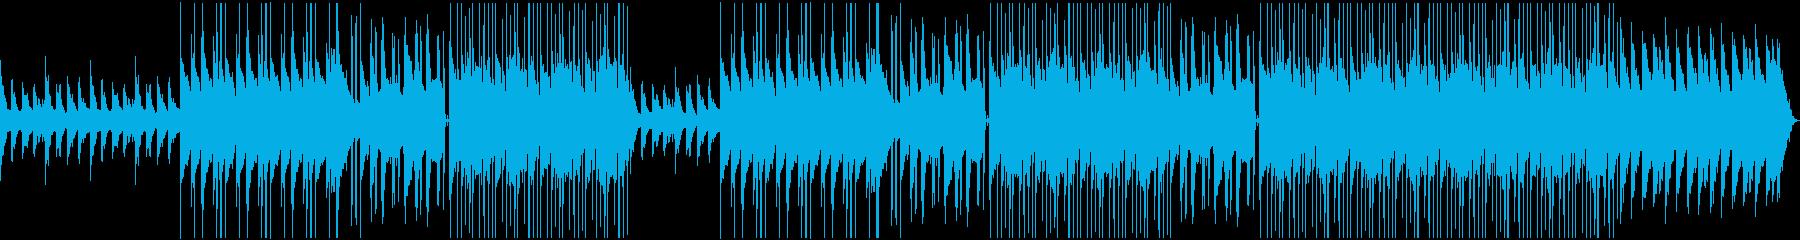 チルアウト 切ないローファイチルホップの再生済みの波形